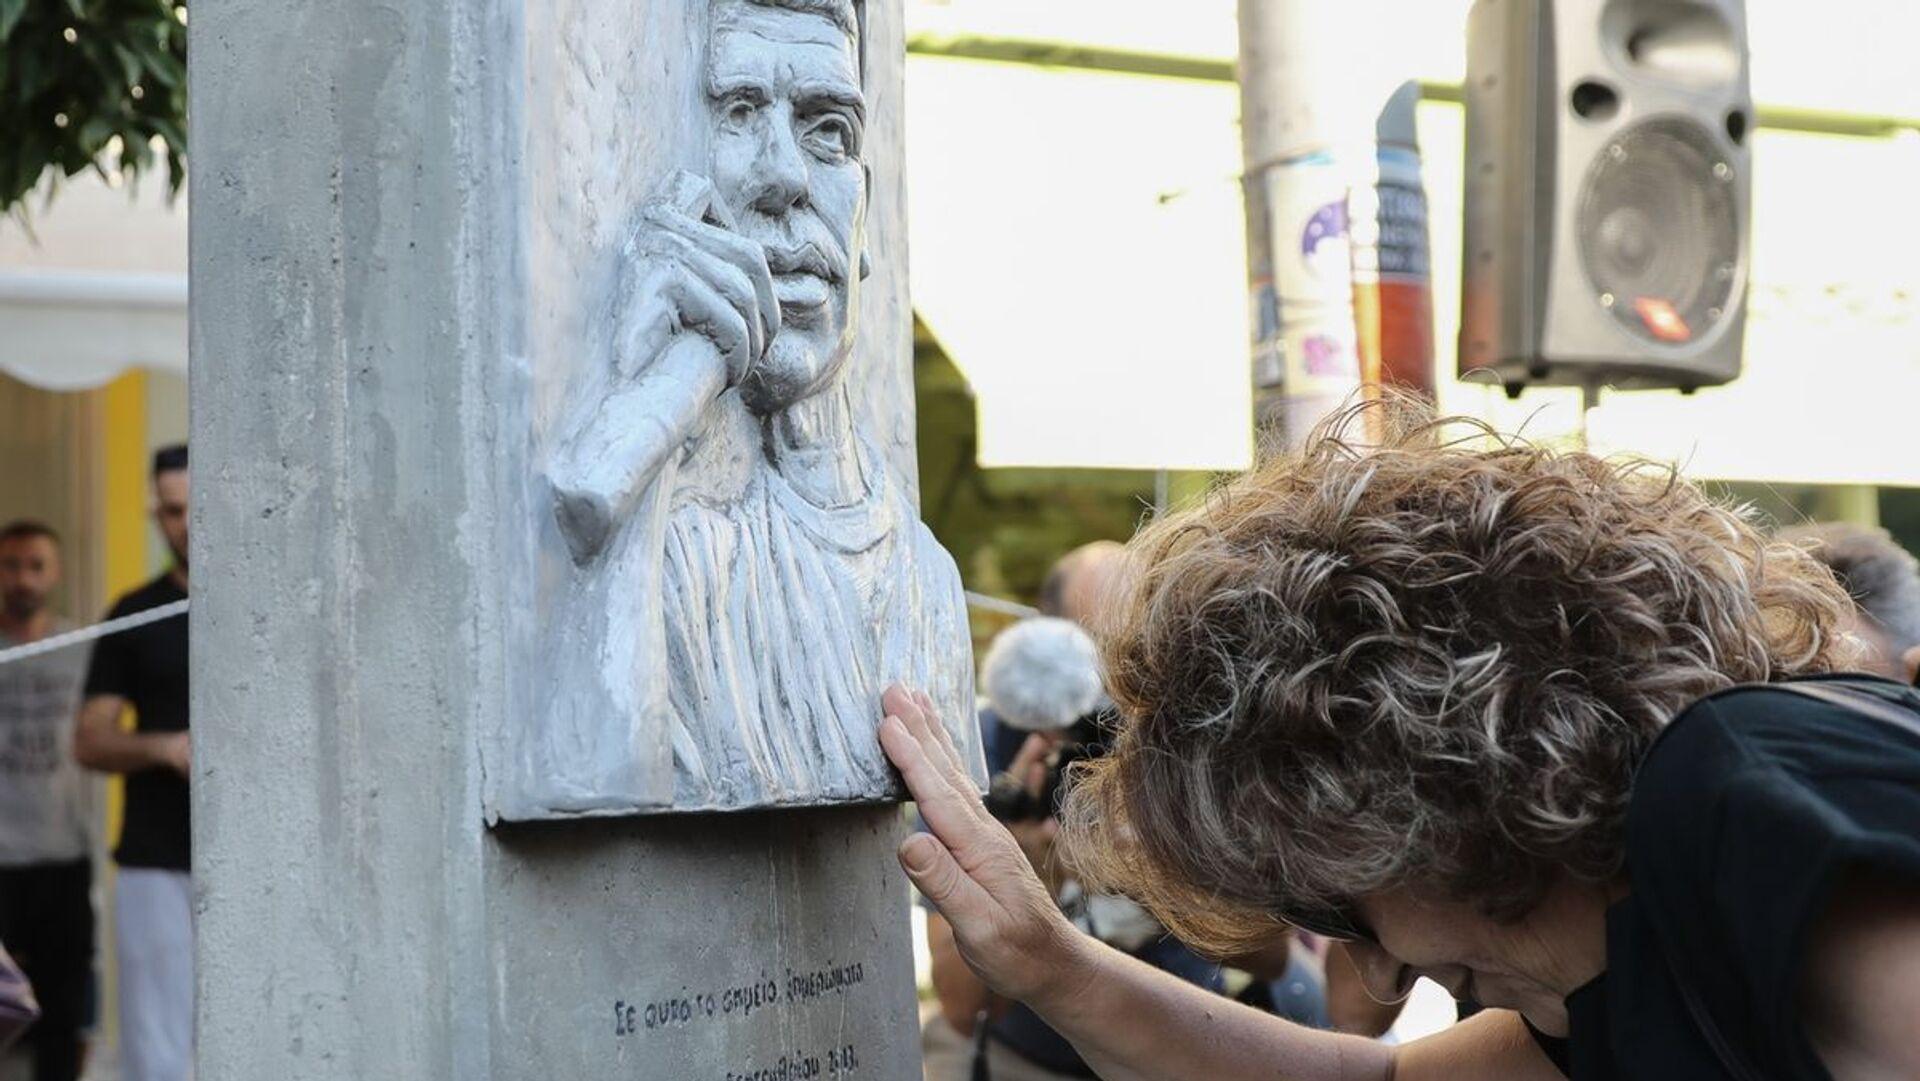 Η Μάγδα Φύσσα ακουμπά το μνημείο του δολοφονημένου Παύλου Φύσσα - Sputnik Ελλάδα, 1920, 12.10.2021